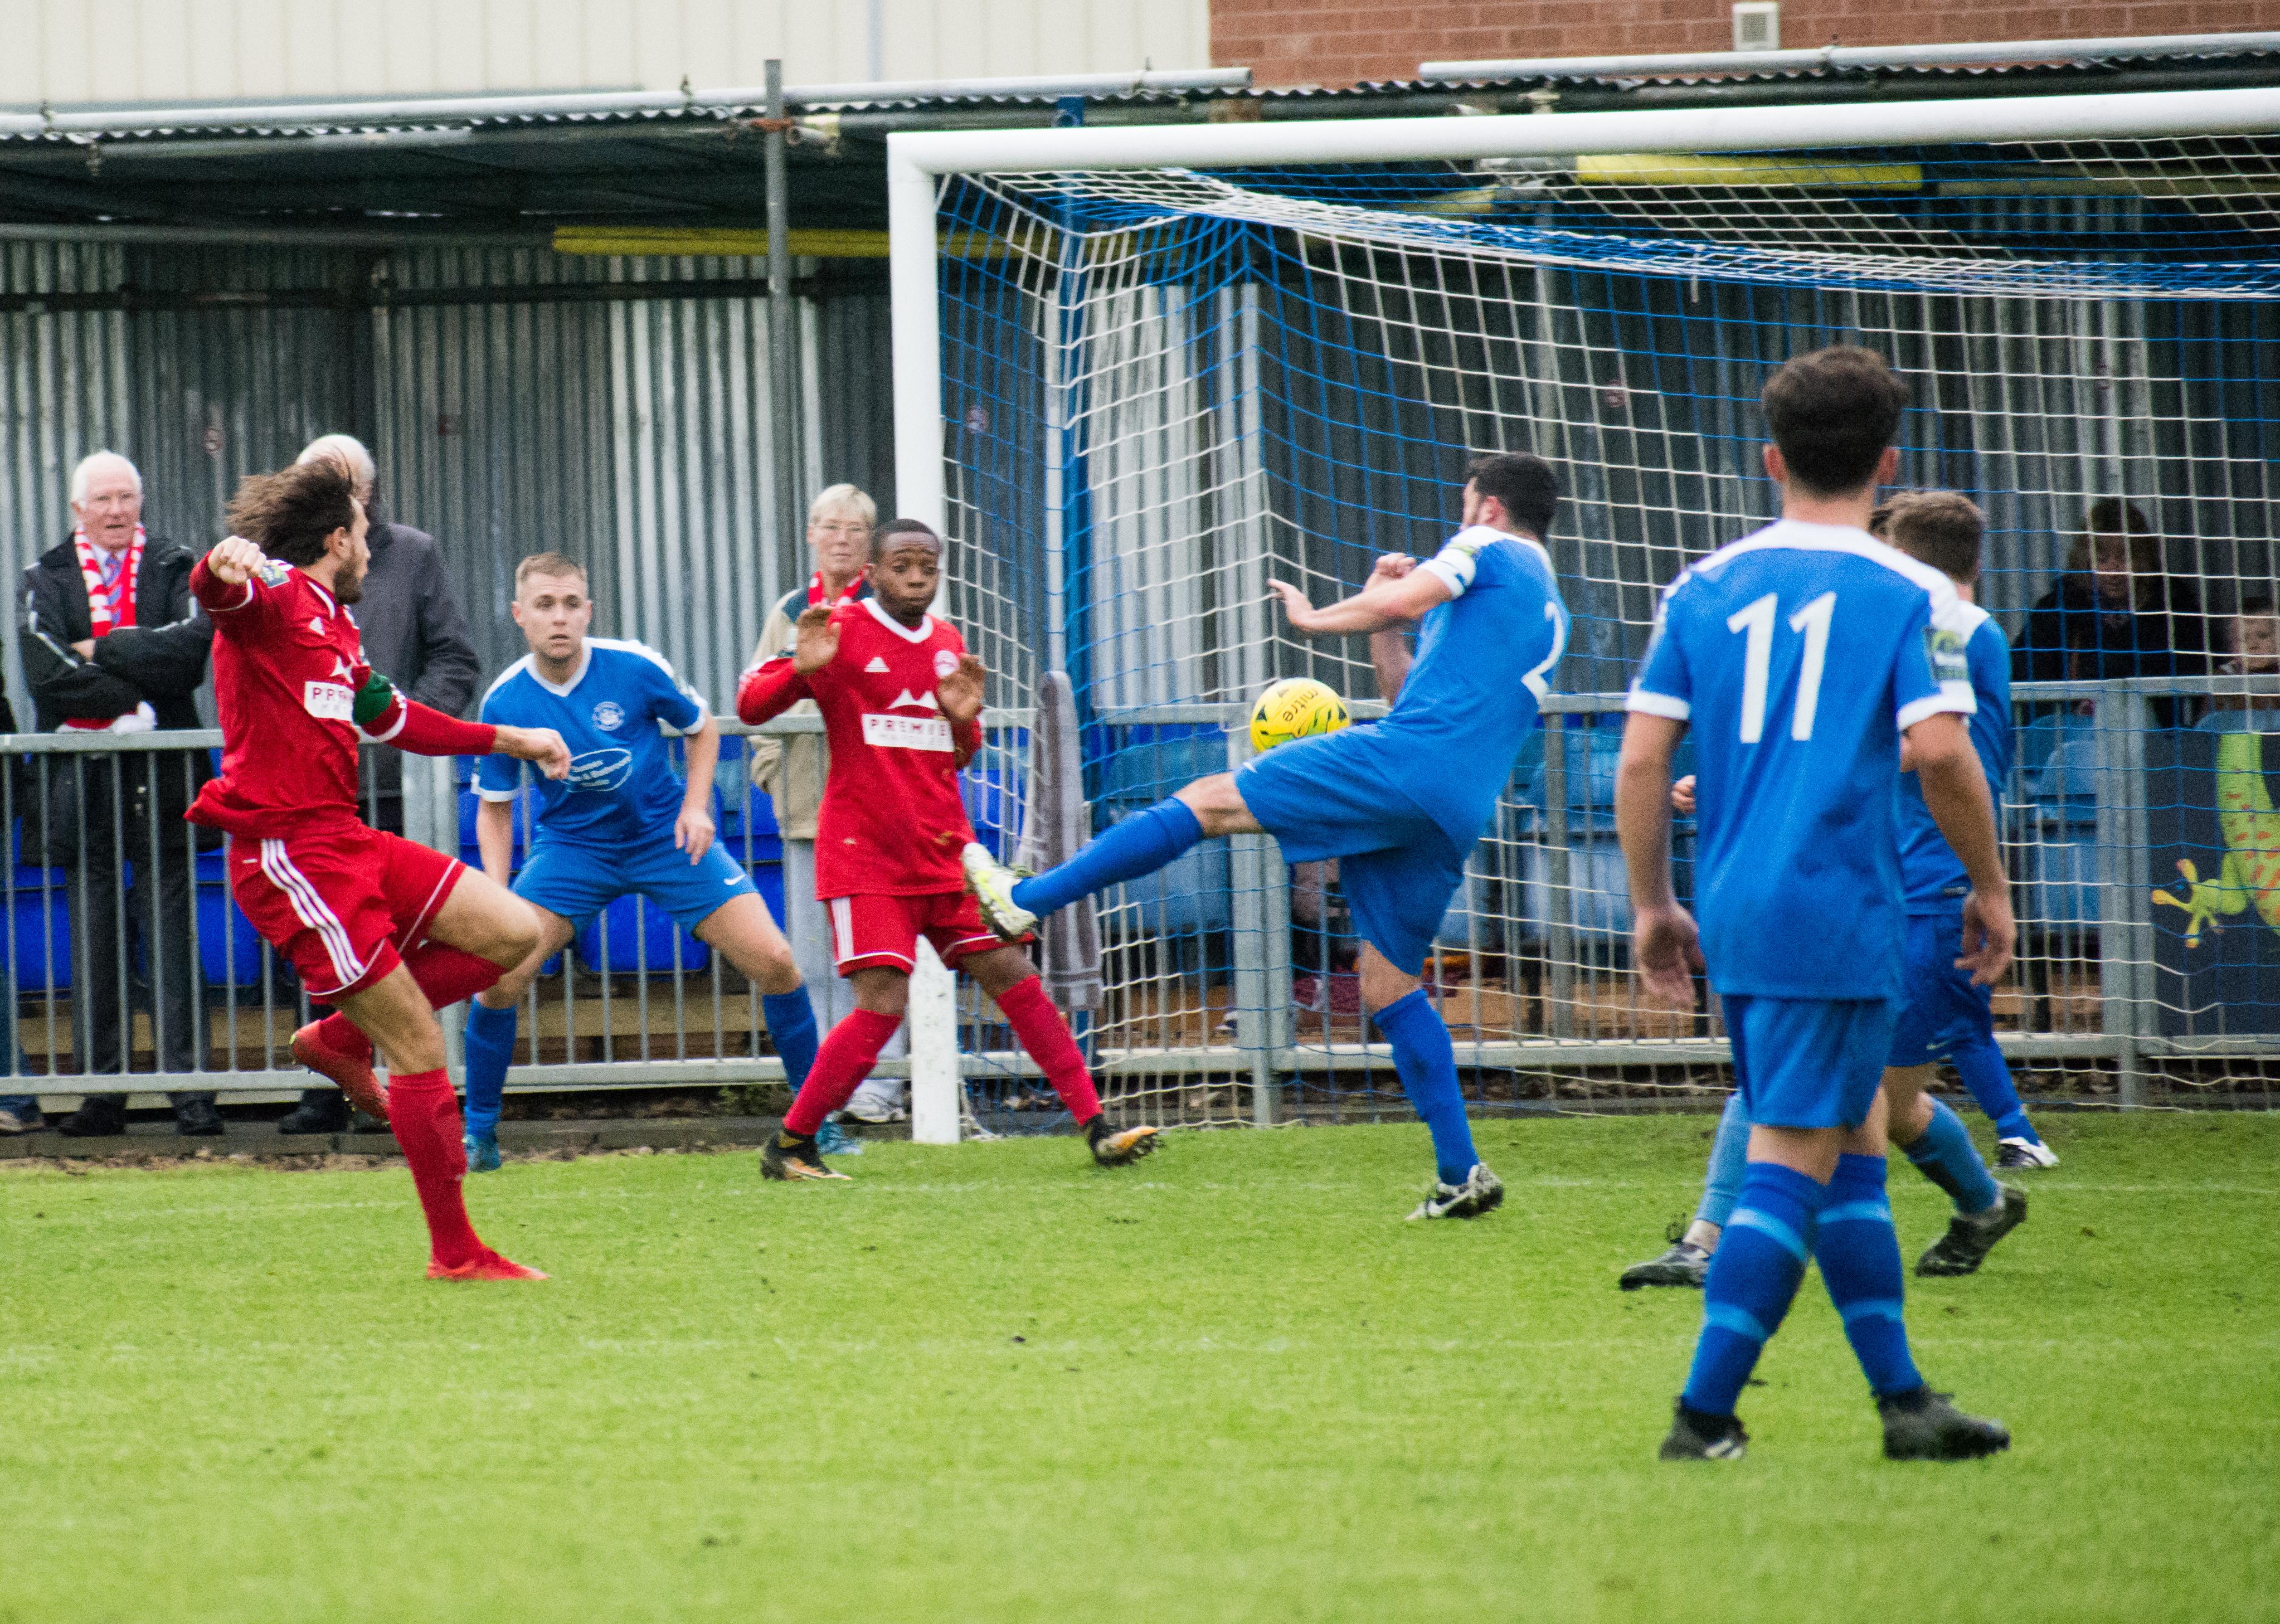 Shoreham FC vs Hythe Town 11.11.17 43